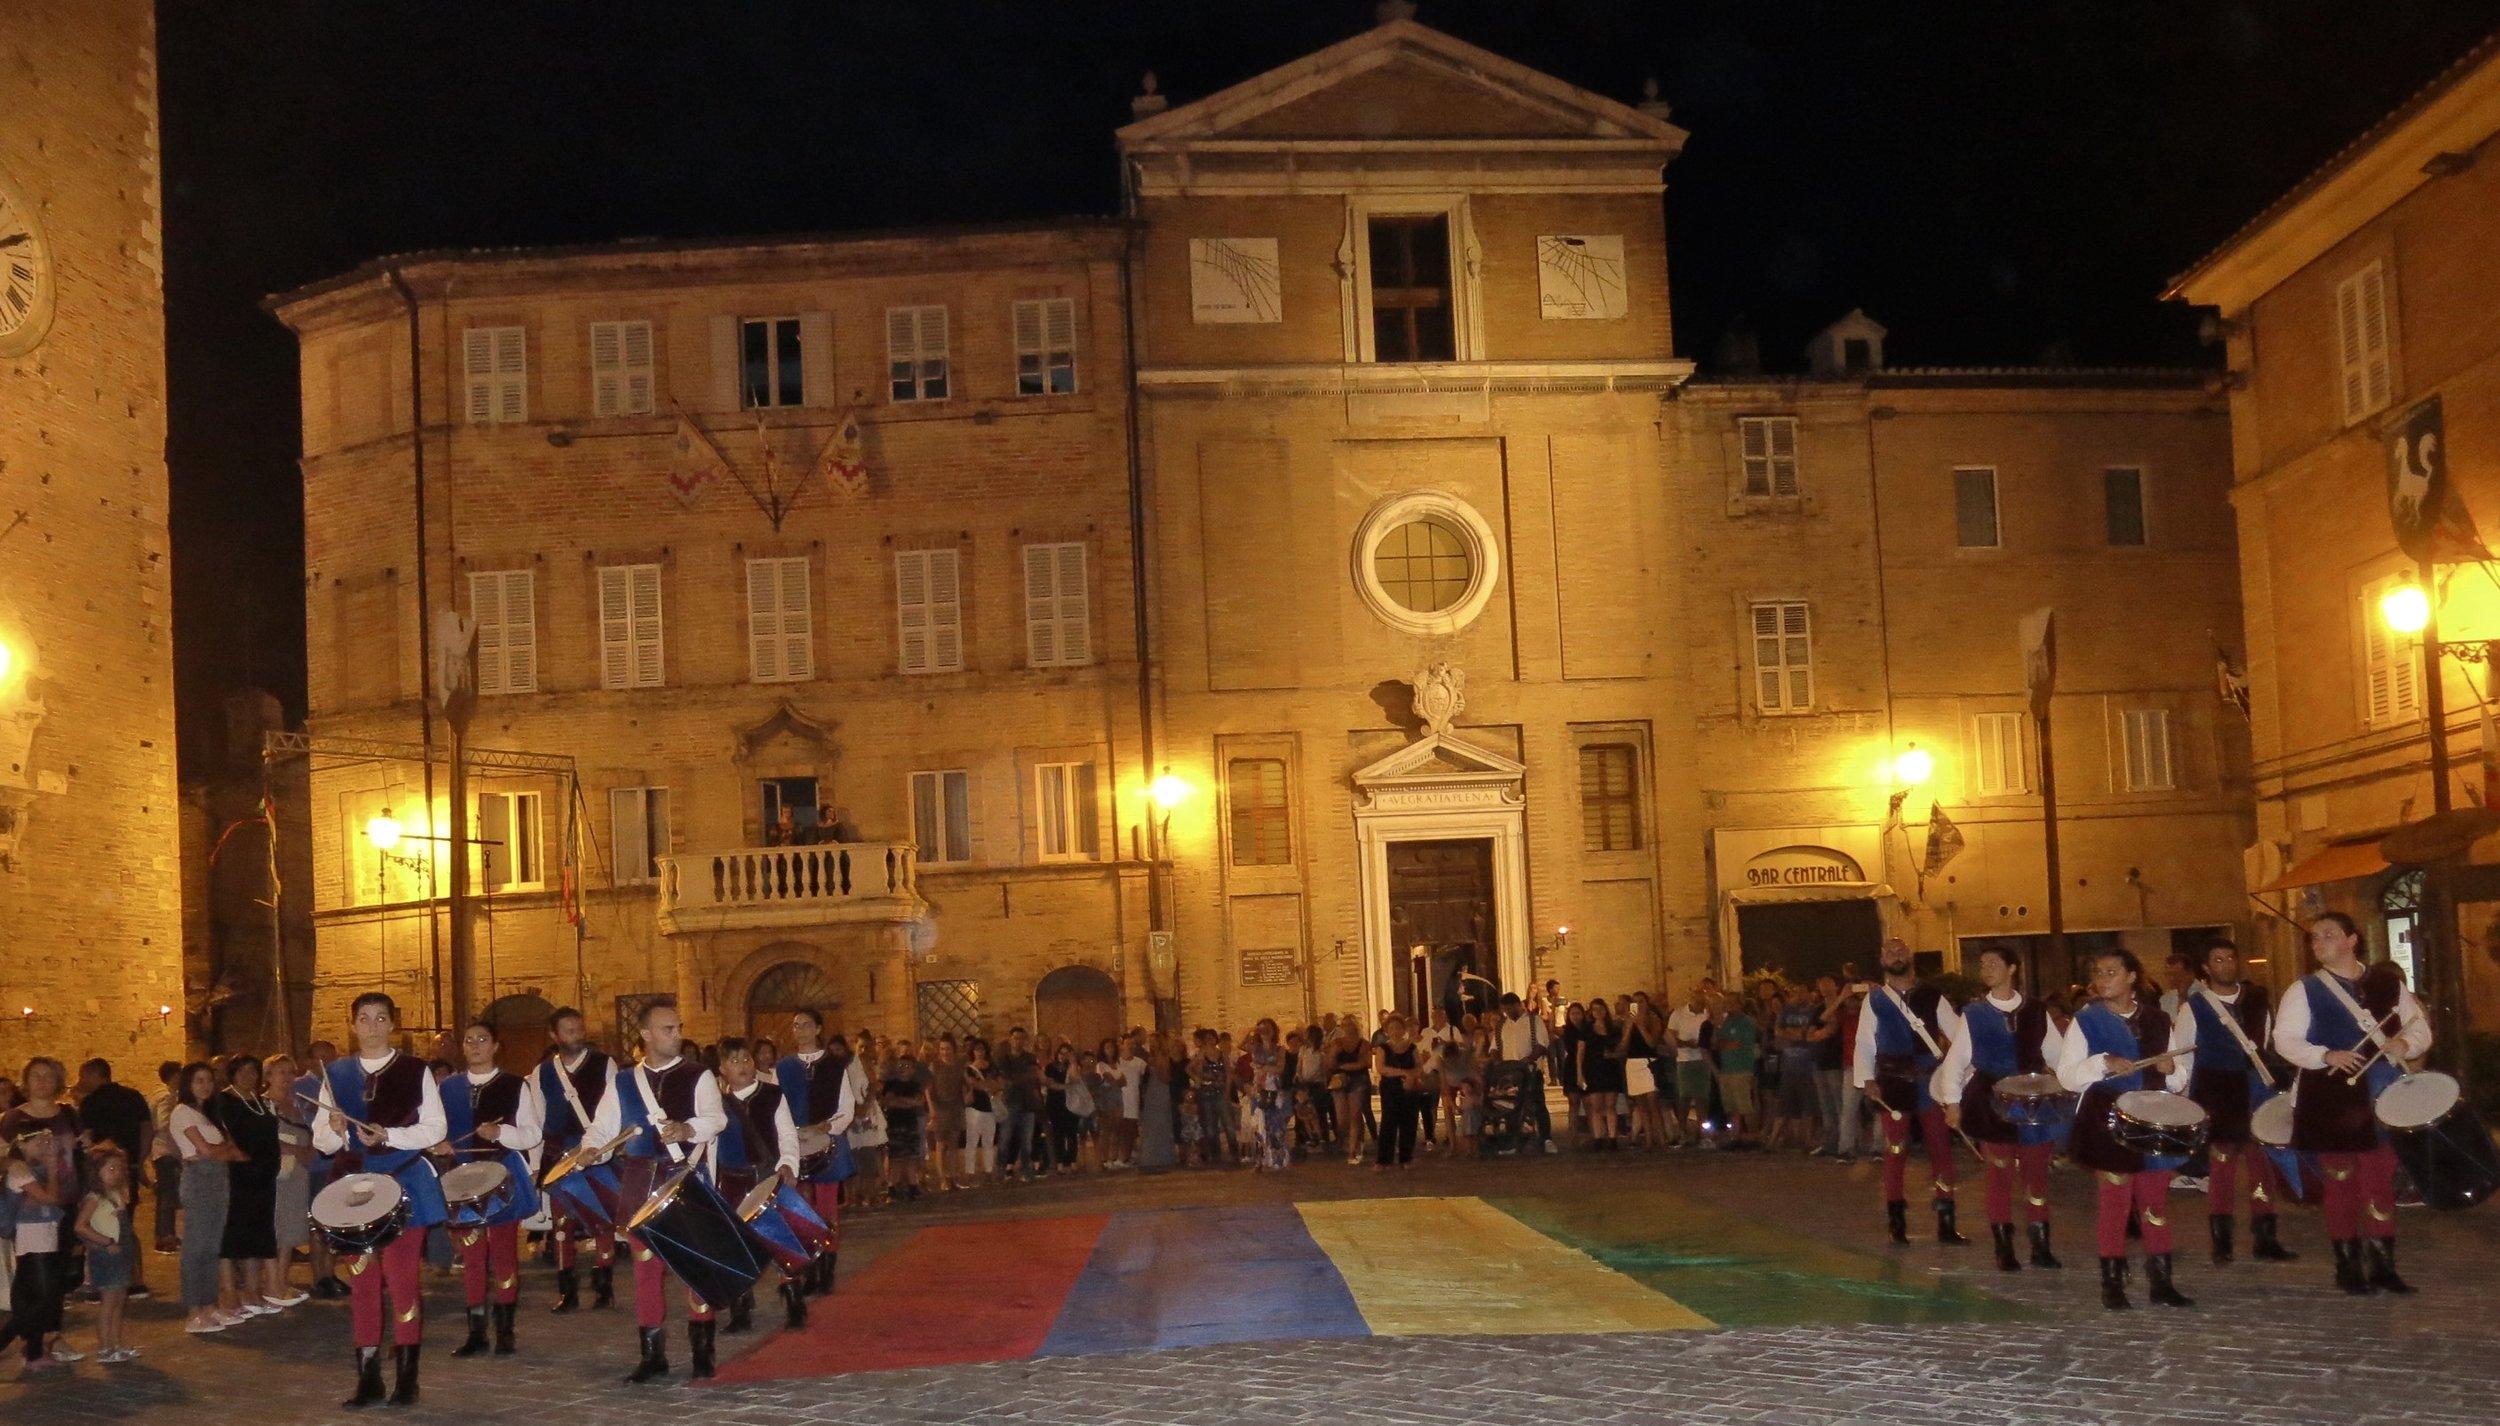 festival in le Marche, Italy